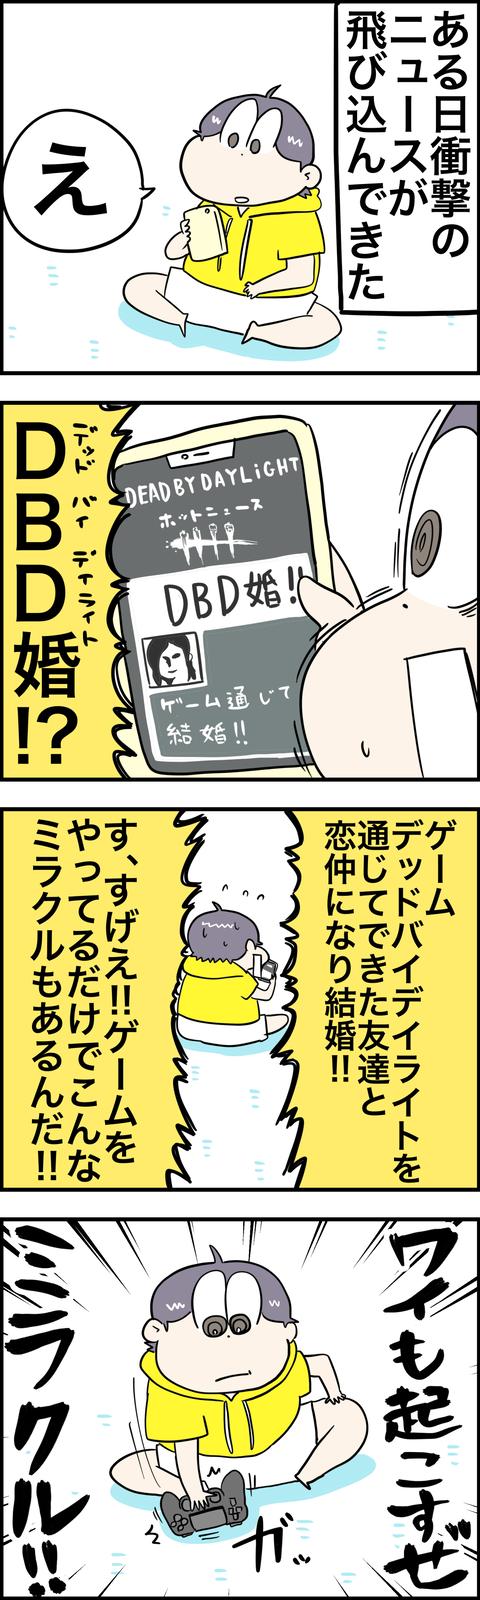 9E32749D-FEBE-4BCB-A013-73D4E6B9FA4F